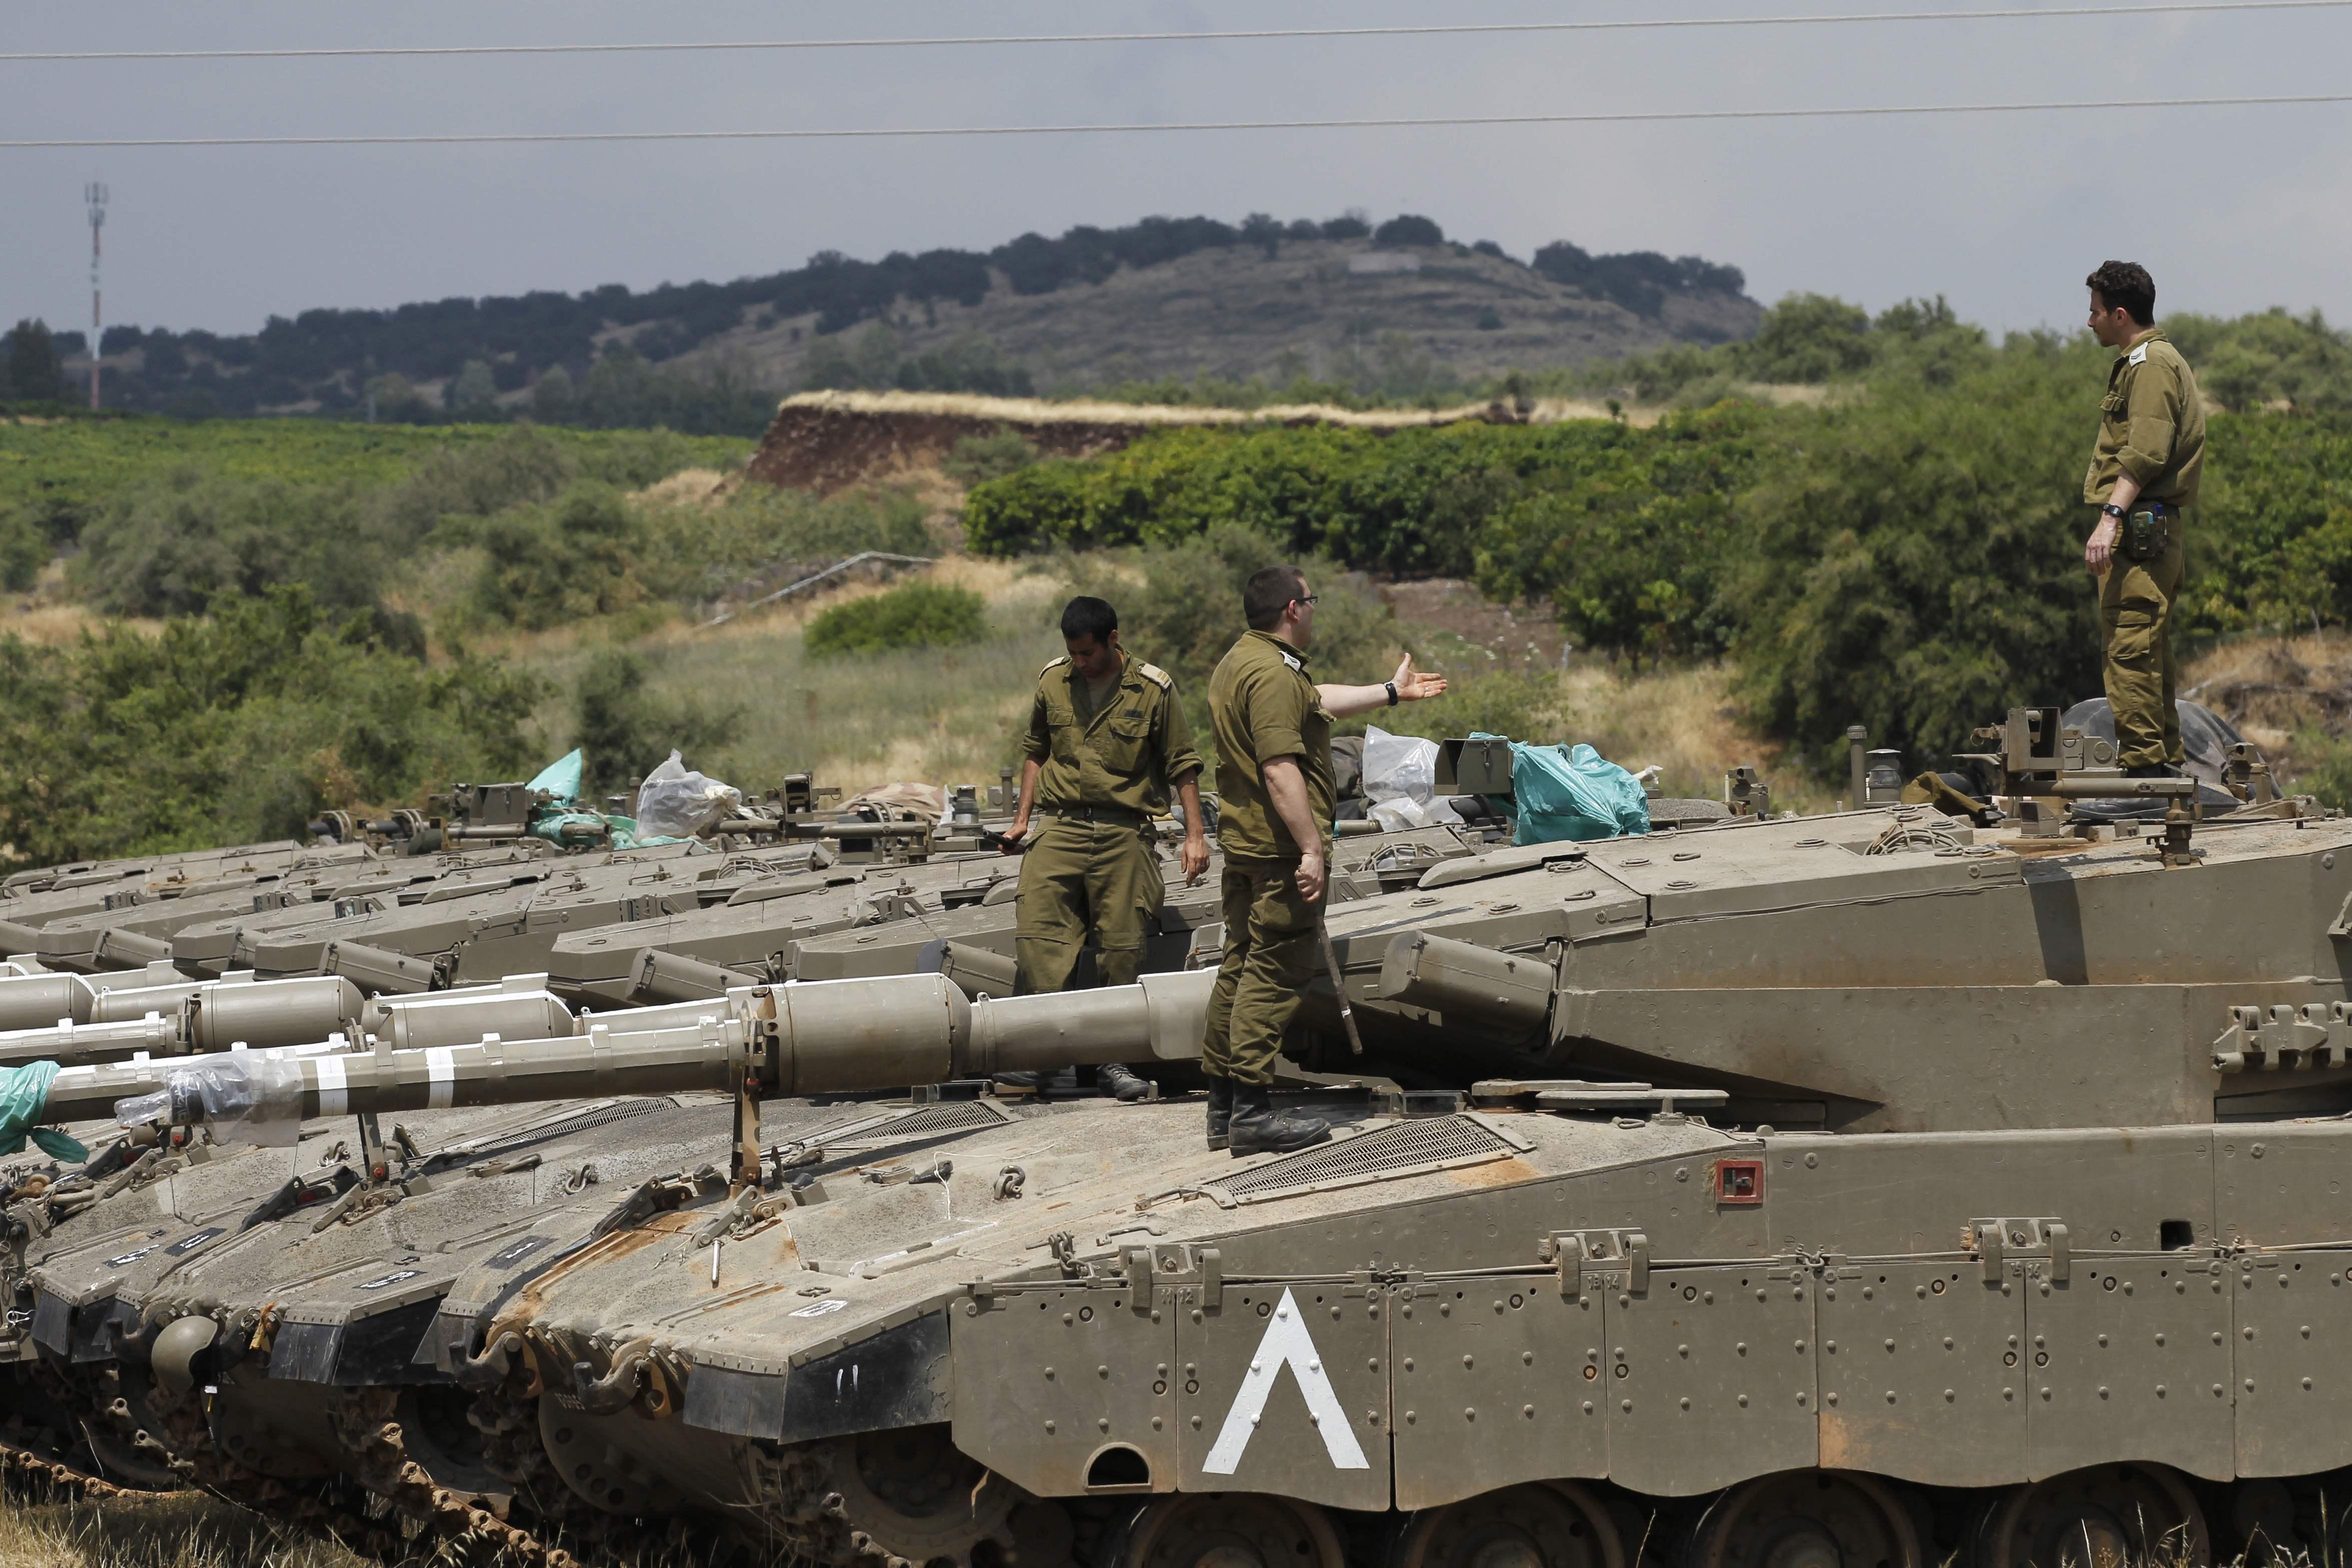 عناصر الاحتلال الاسرائيلى على ظهر آليات عسكرية